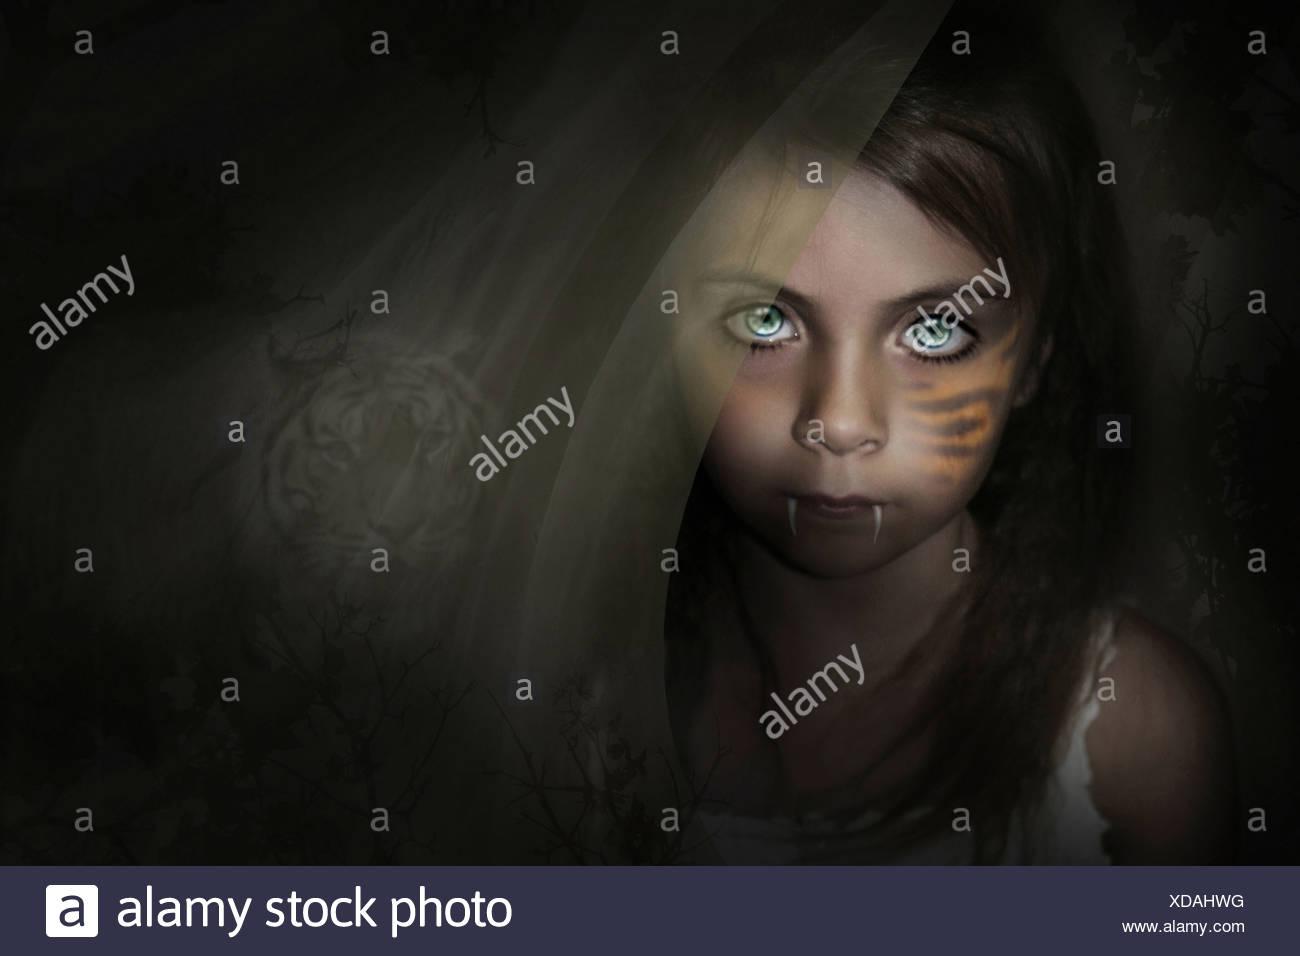 Fantasy Bild mit kleinen Kind mit Fangzähnen und einen Tiger im Hintergrund hinter ihr. Stockbild